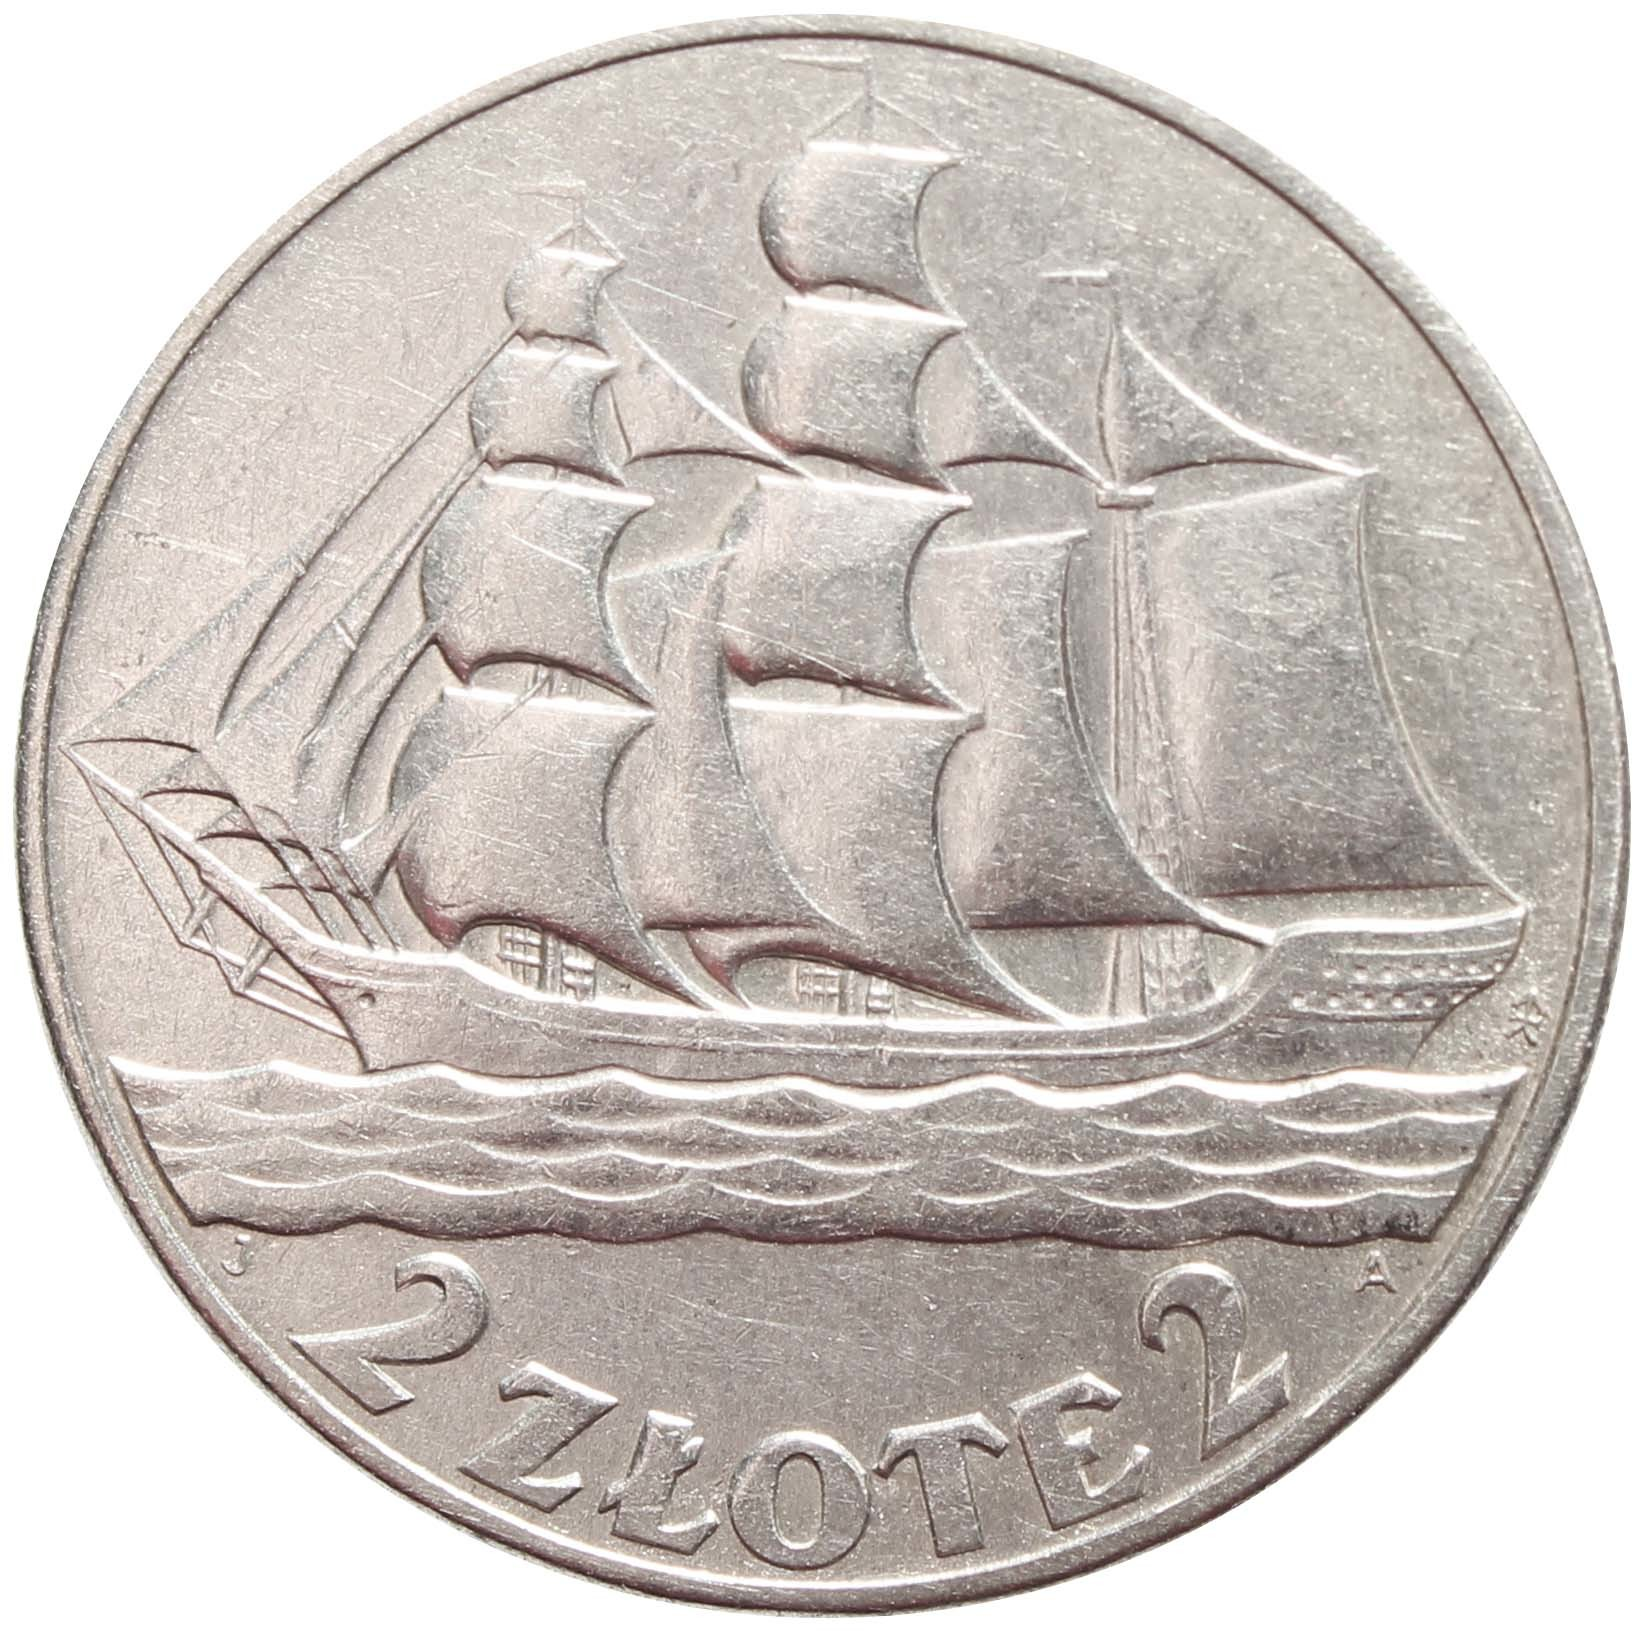 2 злотых. 15 лет морскому порту Гдыня. Парусник. Польша. 1936 год. aUNC